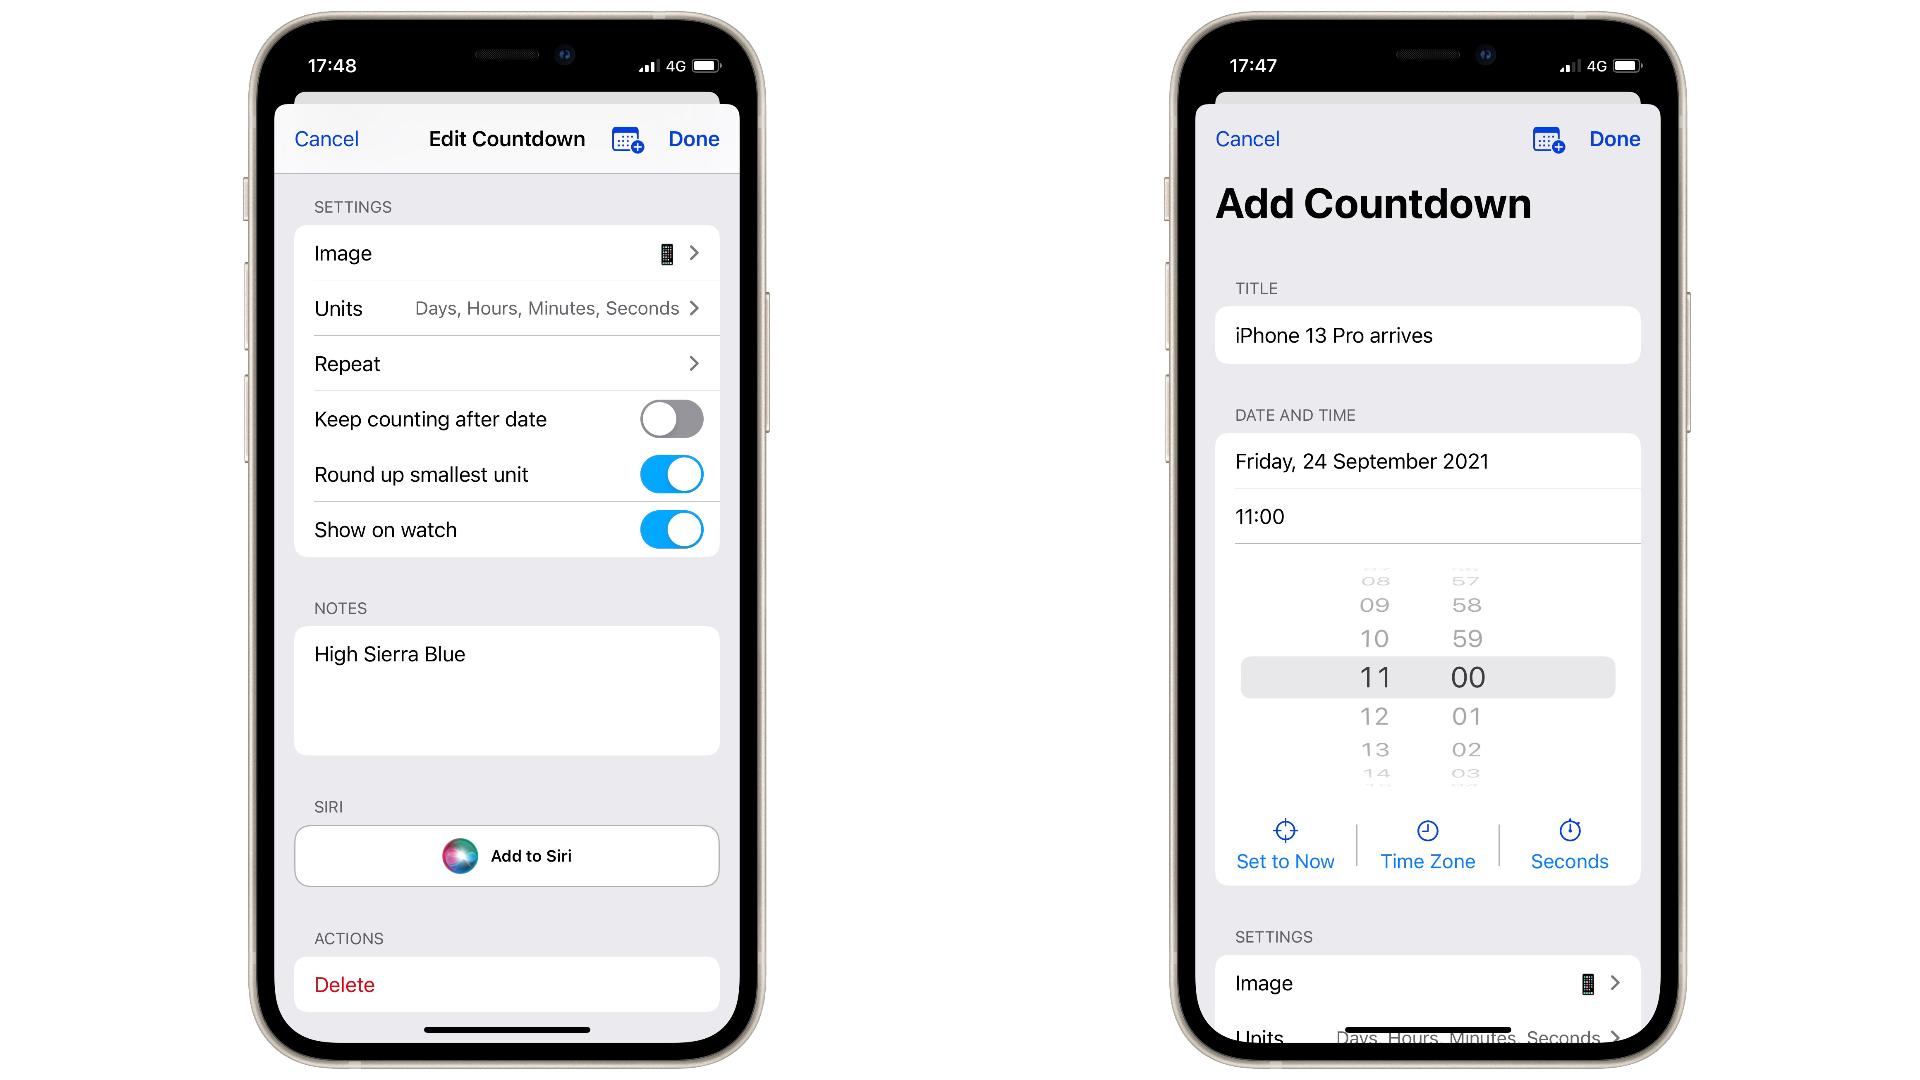 Aplicación Countdownns en iOS 15